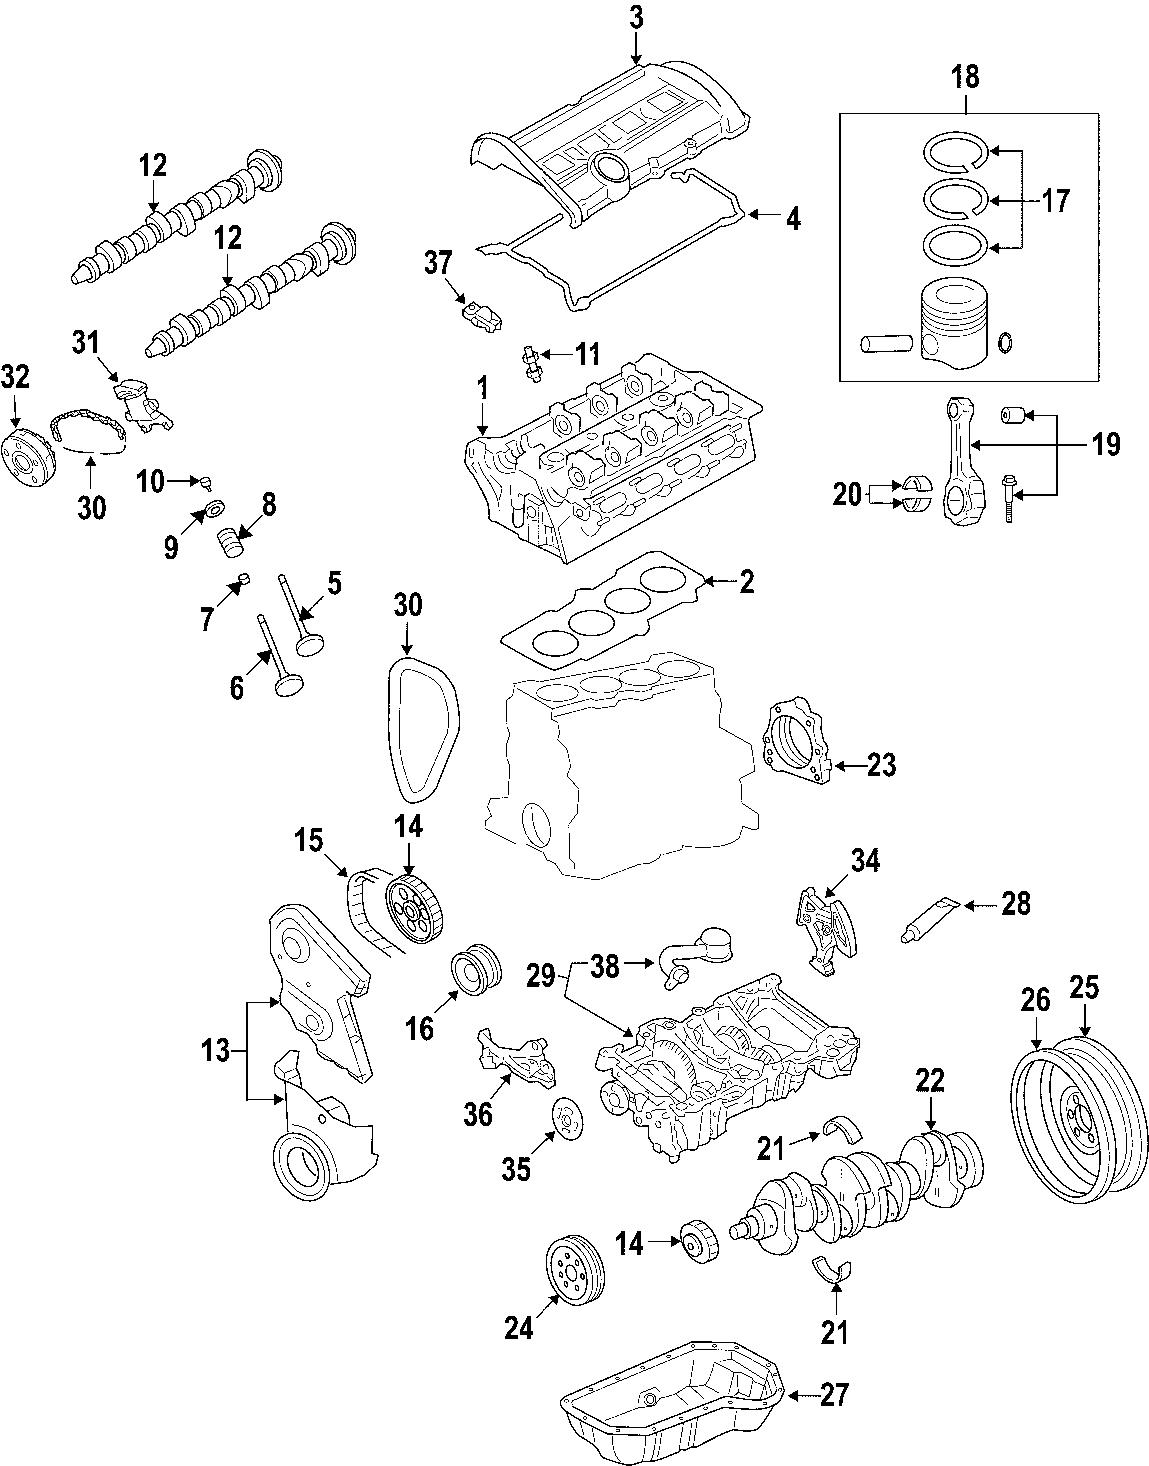 06f Bx